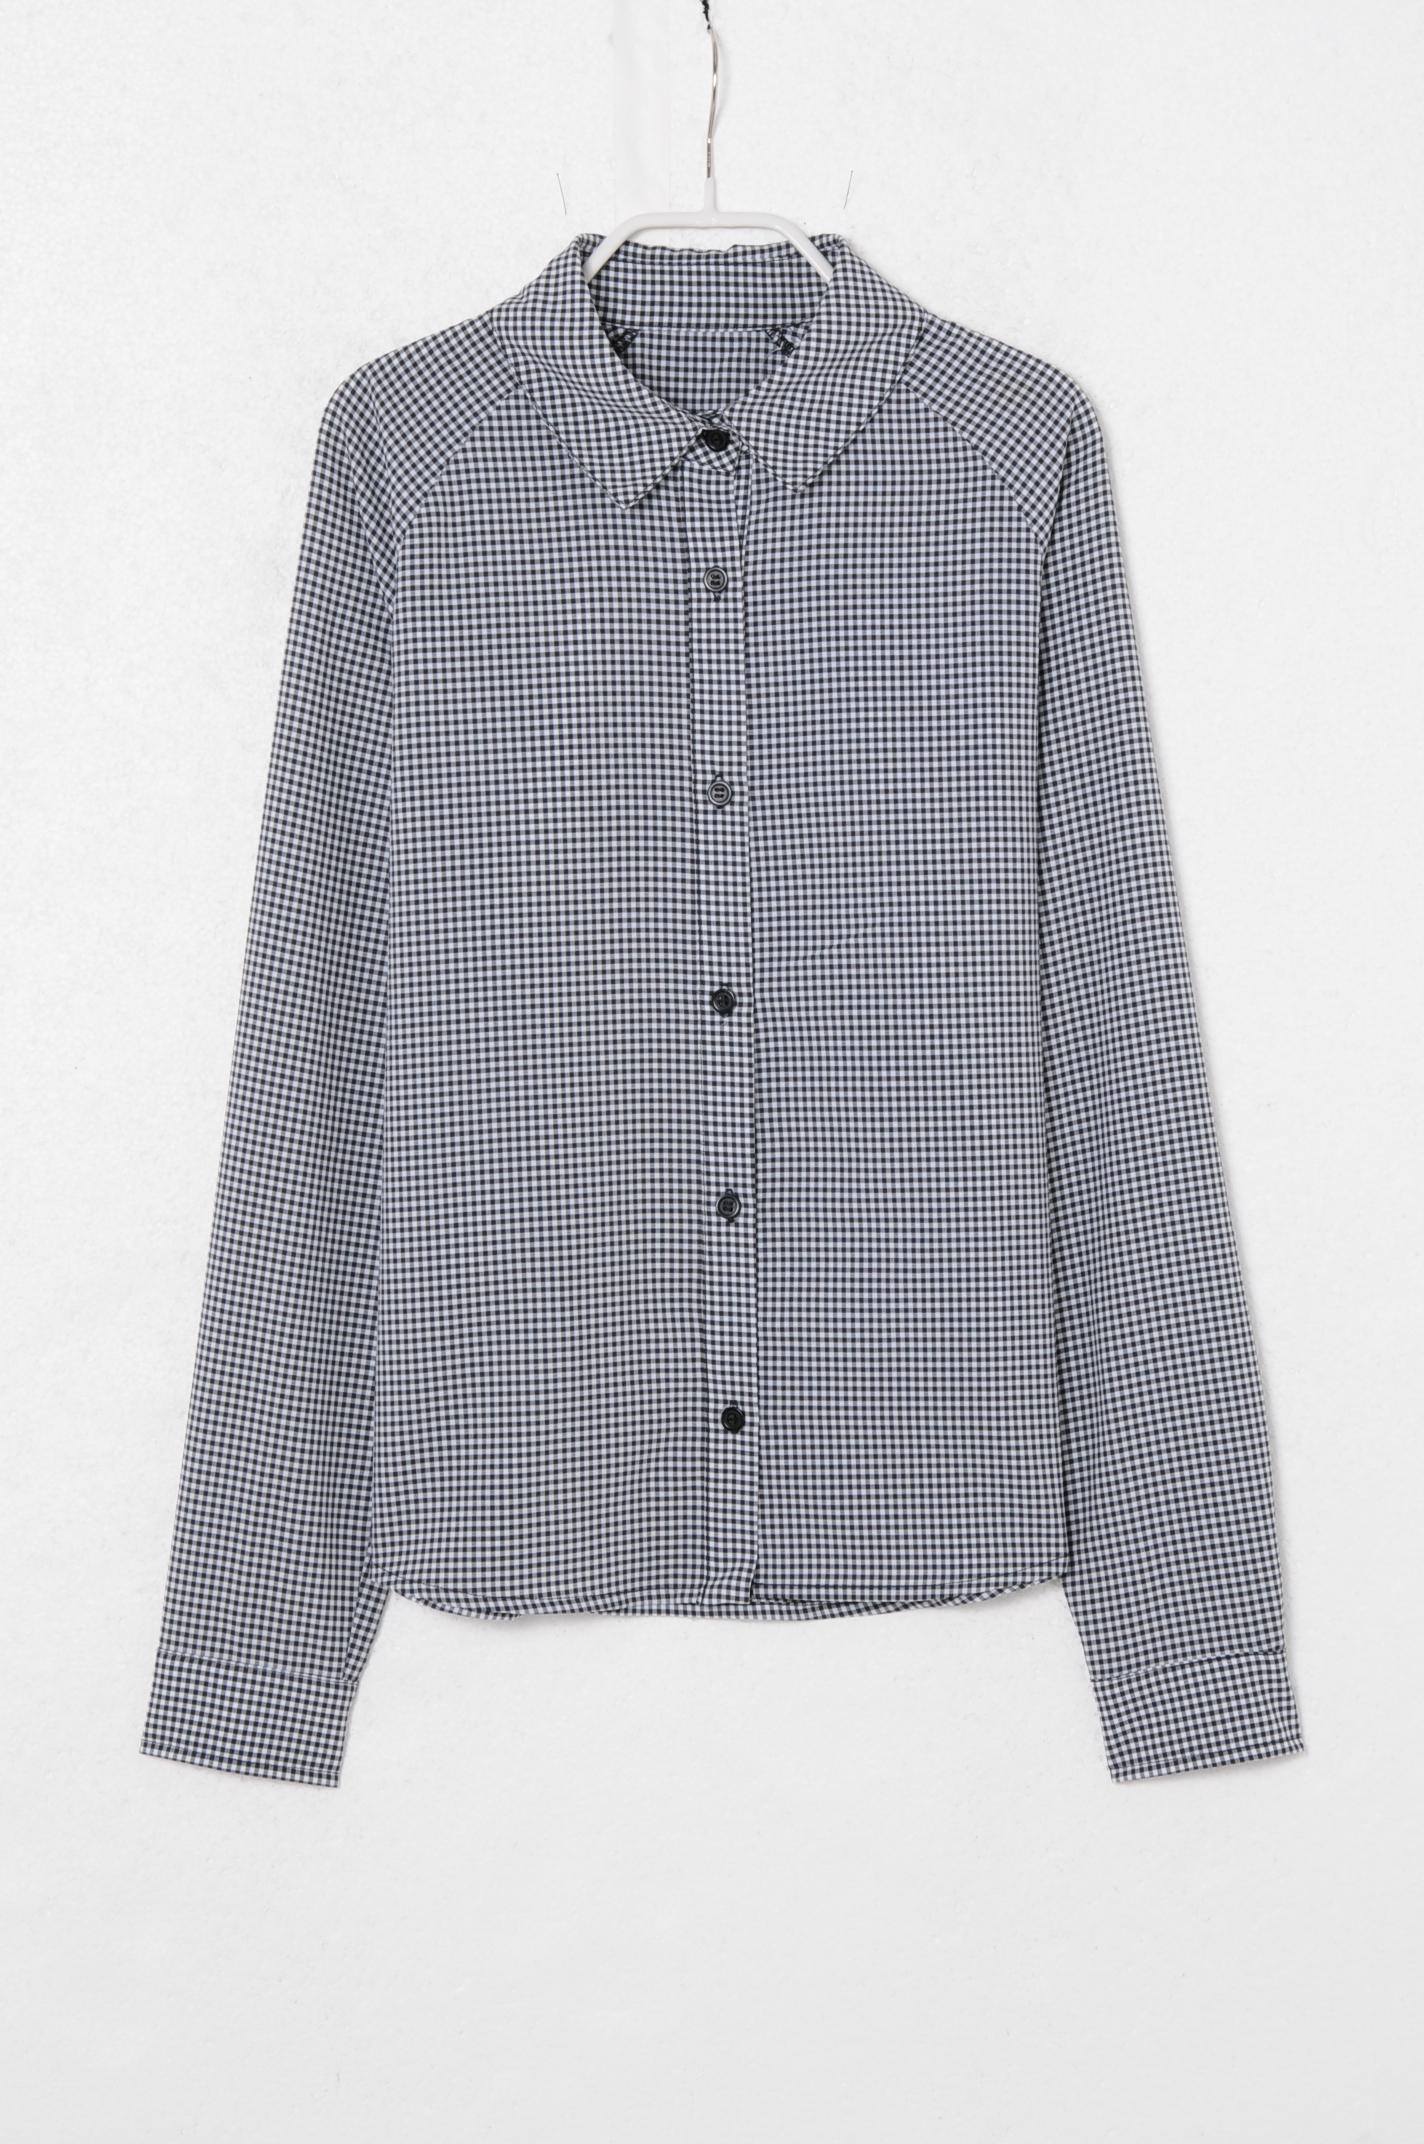 シャツ通販〜EGOISTブランドのギンガムチェックシャツ